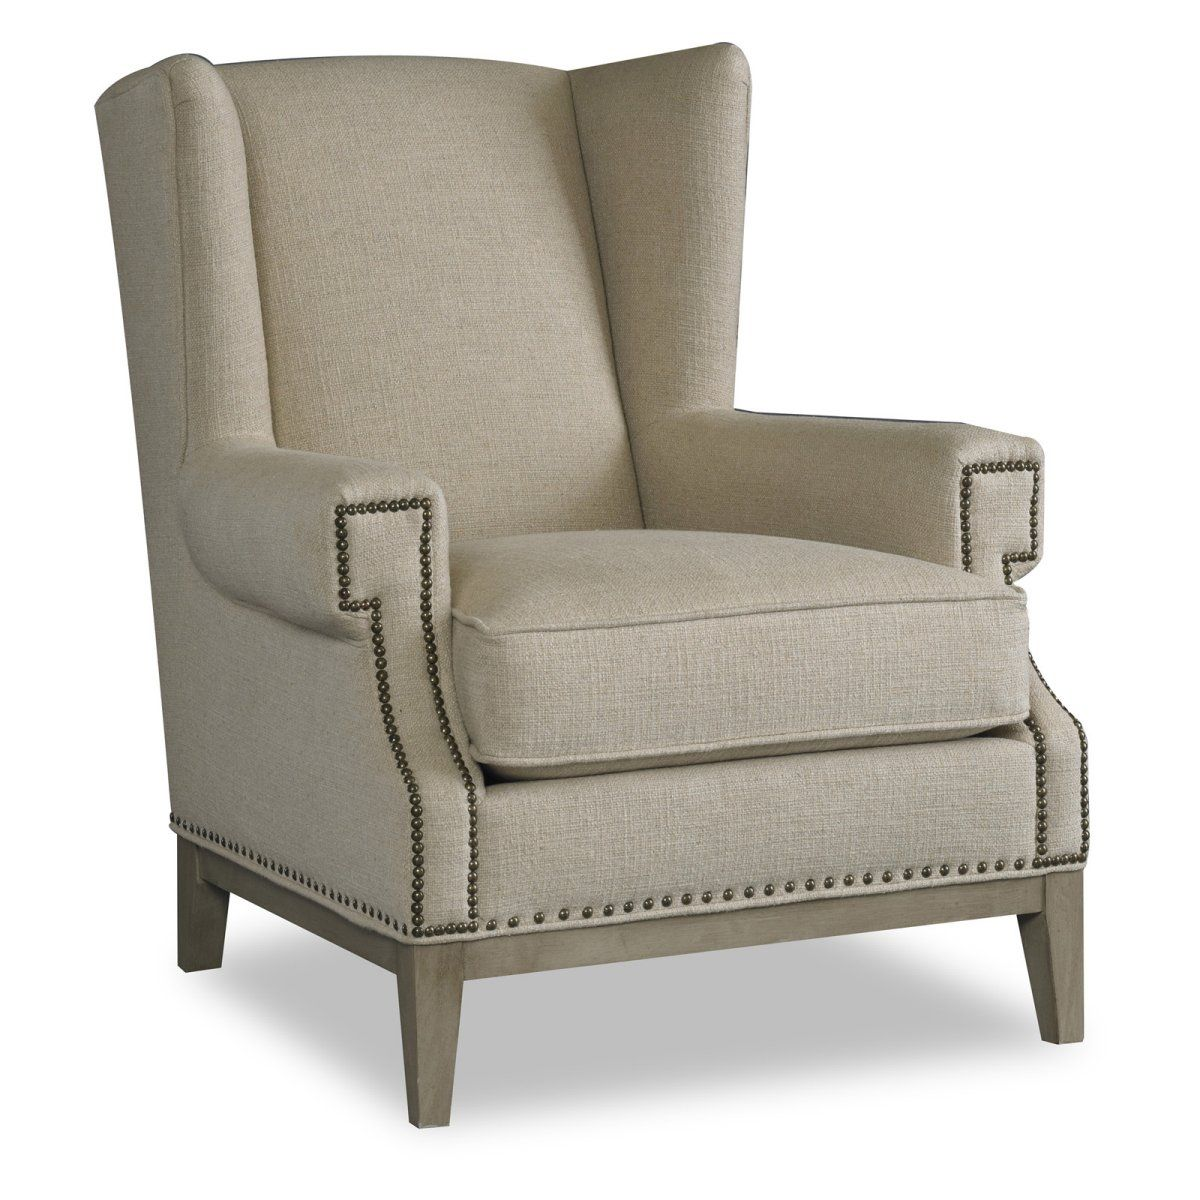 Sam Moore Zahara Wing Chair - Natural